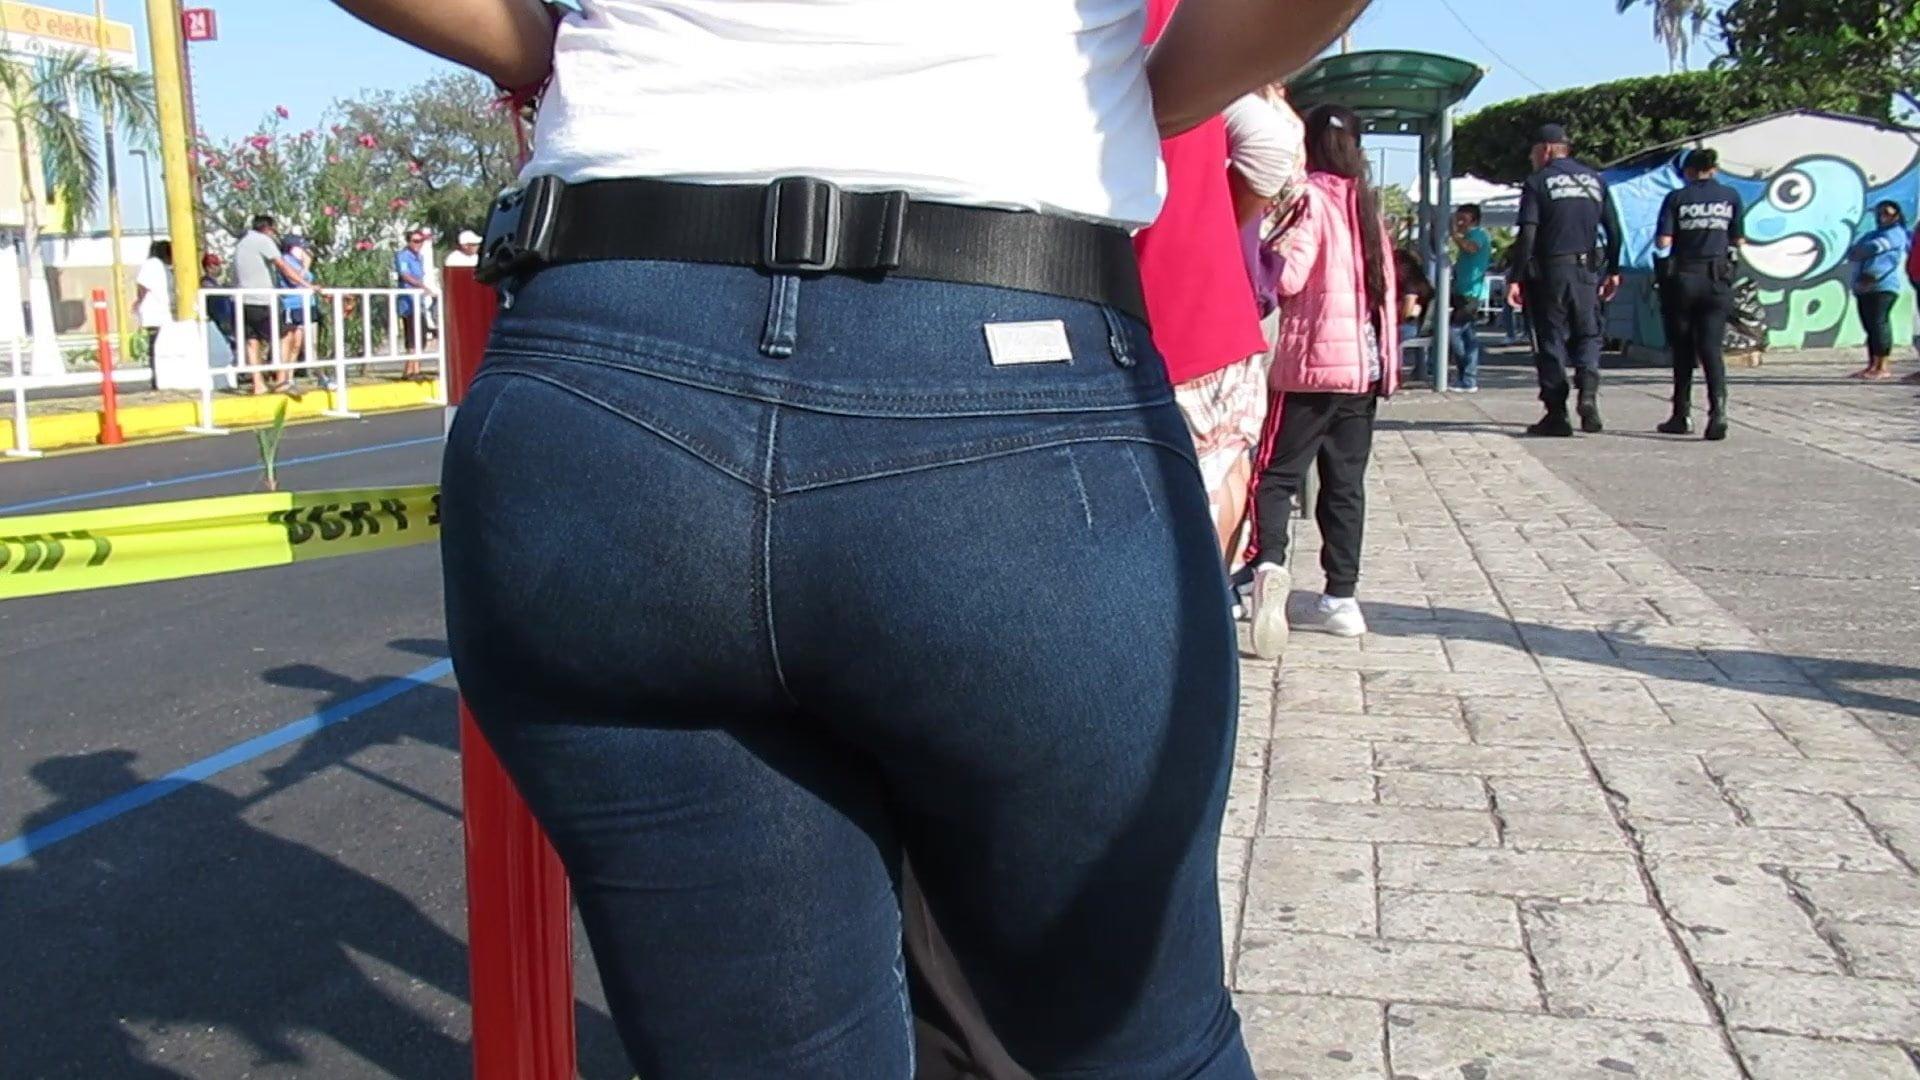 Latina tight ass video #14